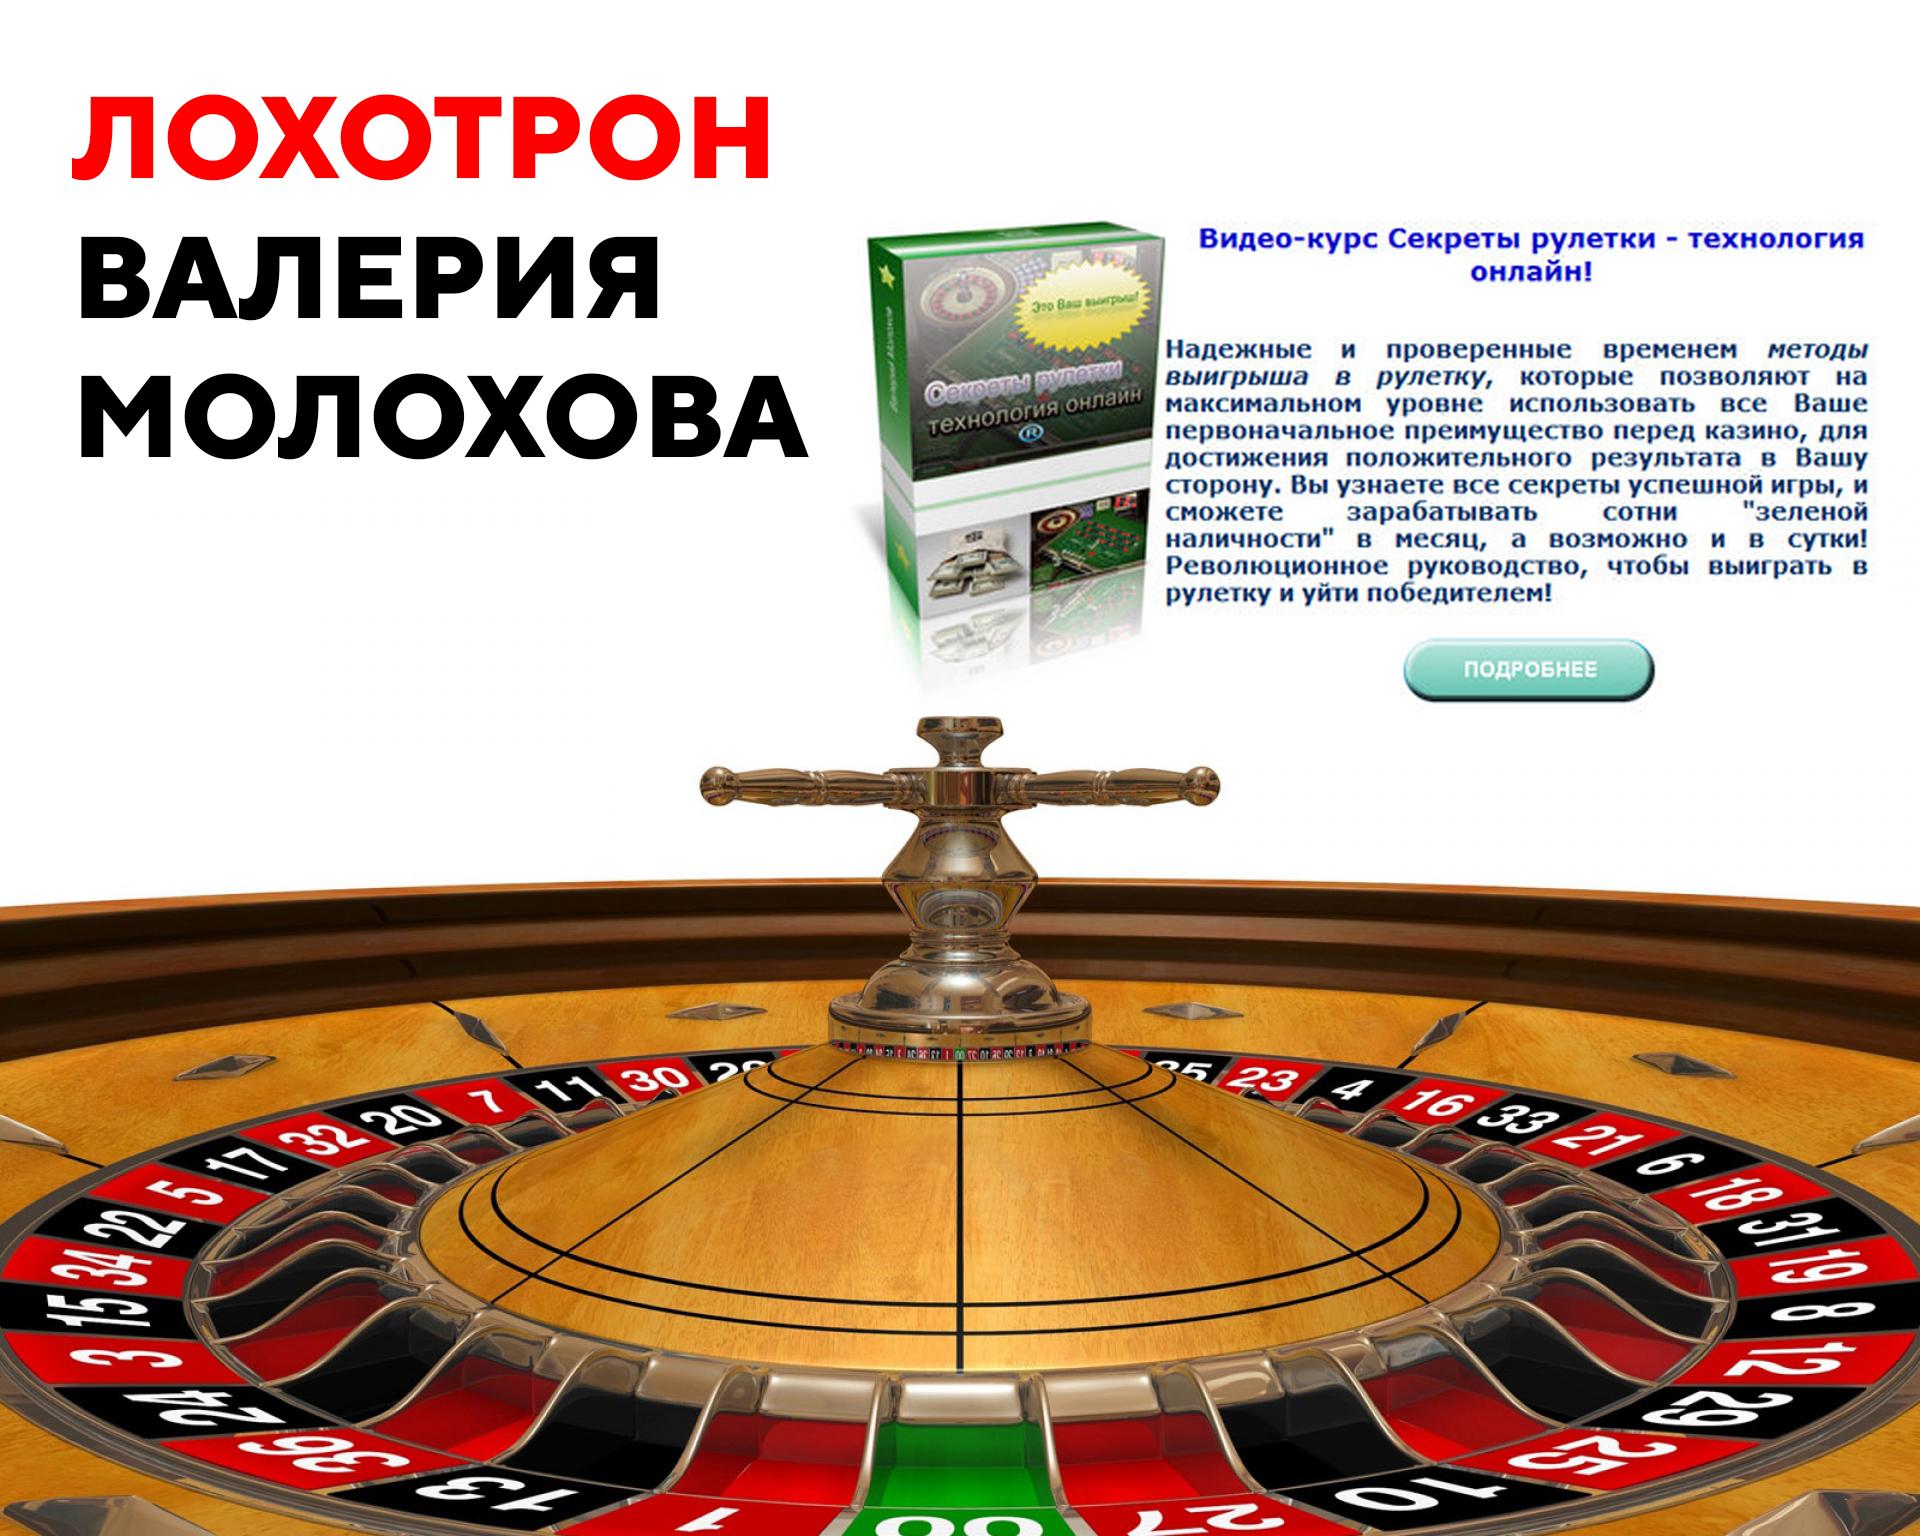 Казино онлайн рулетка секреты играть в игровые аппараты бесплатно и